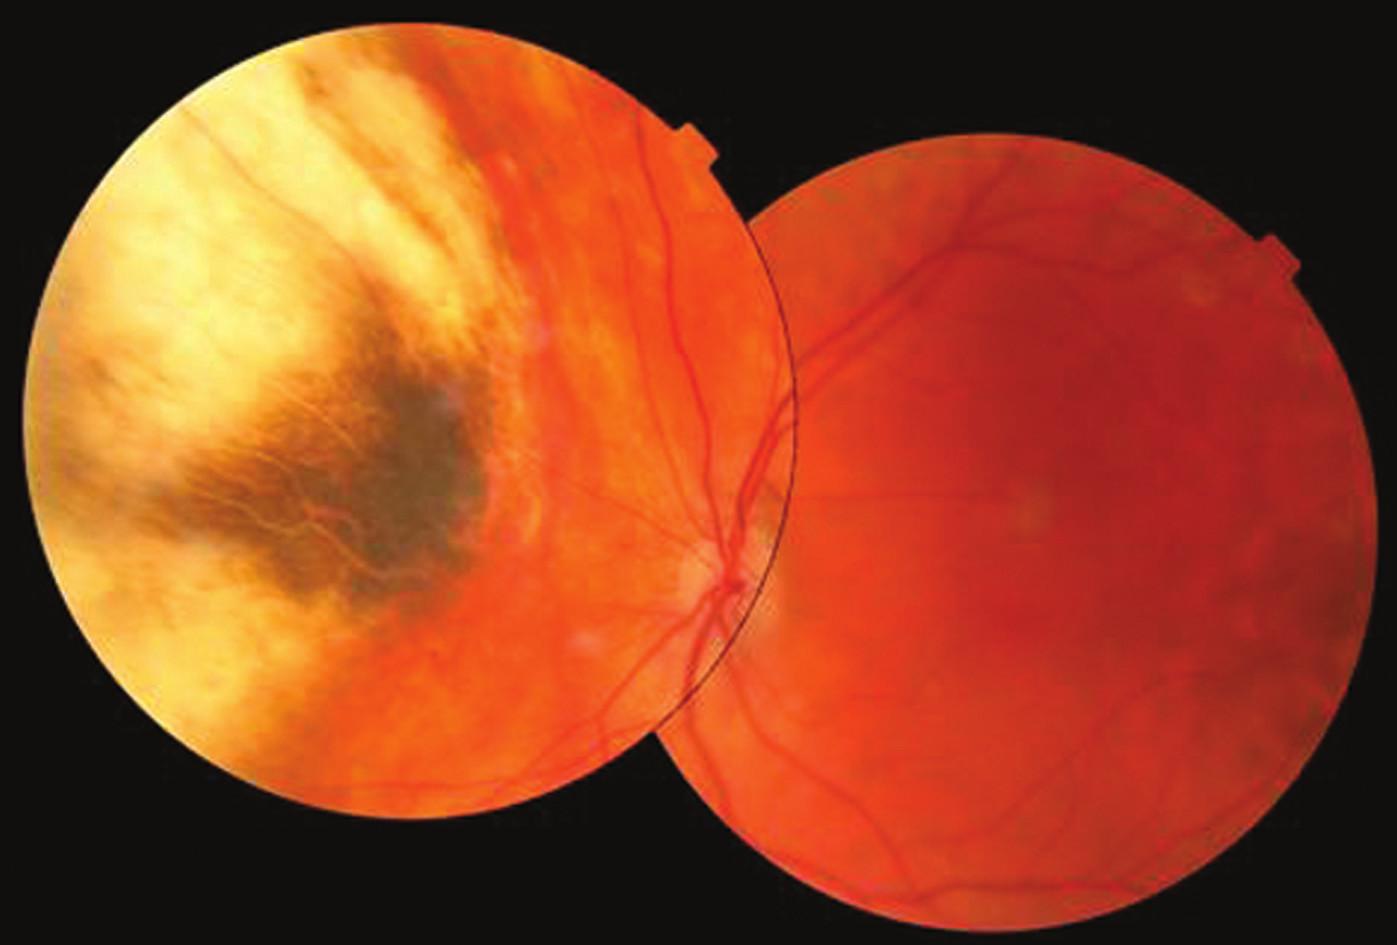 Pacient 2. Fotografia očného pozadia 9,6 rokov po brachyterapii s intaktnou makulou a atrofickým tumorom